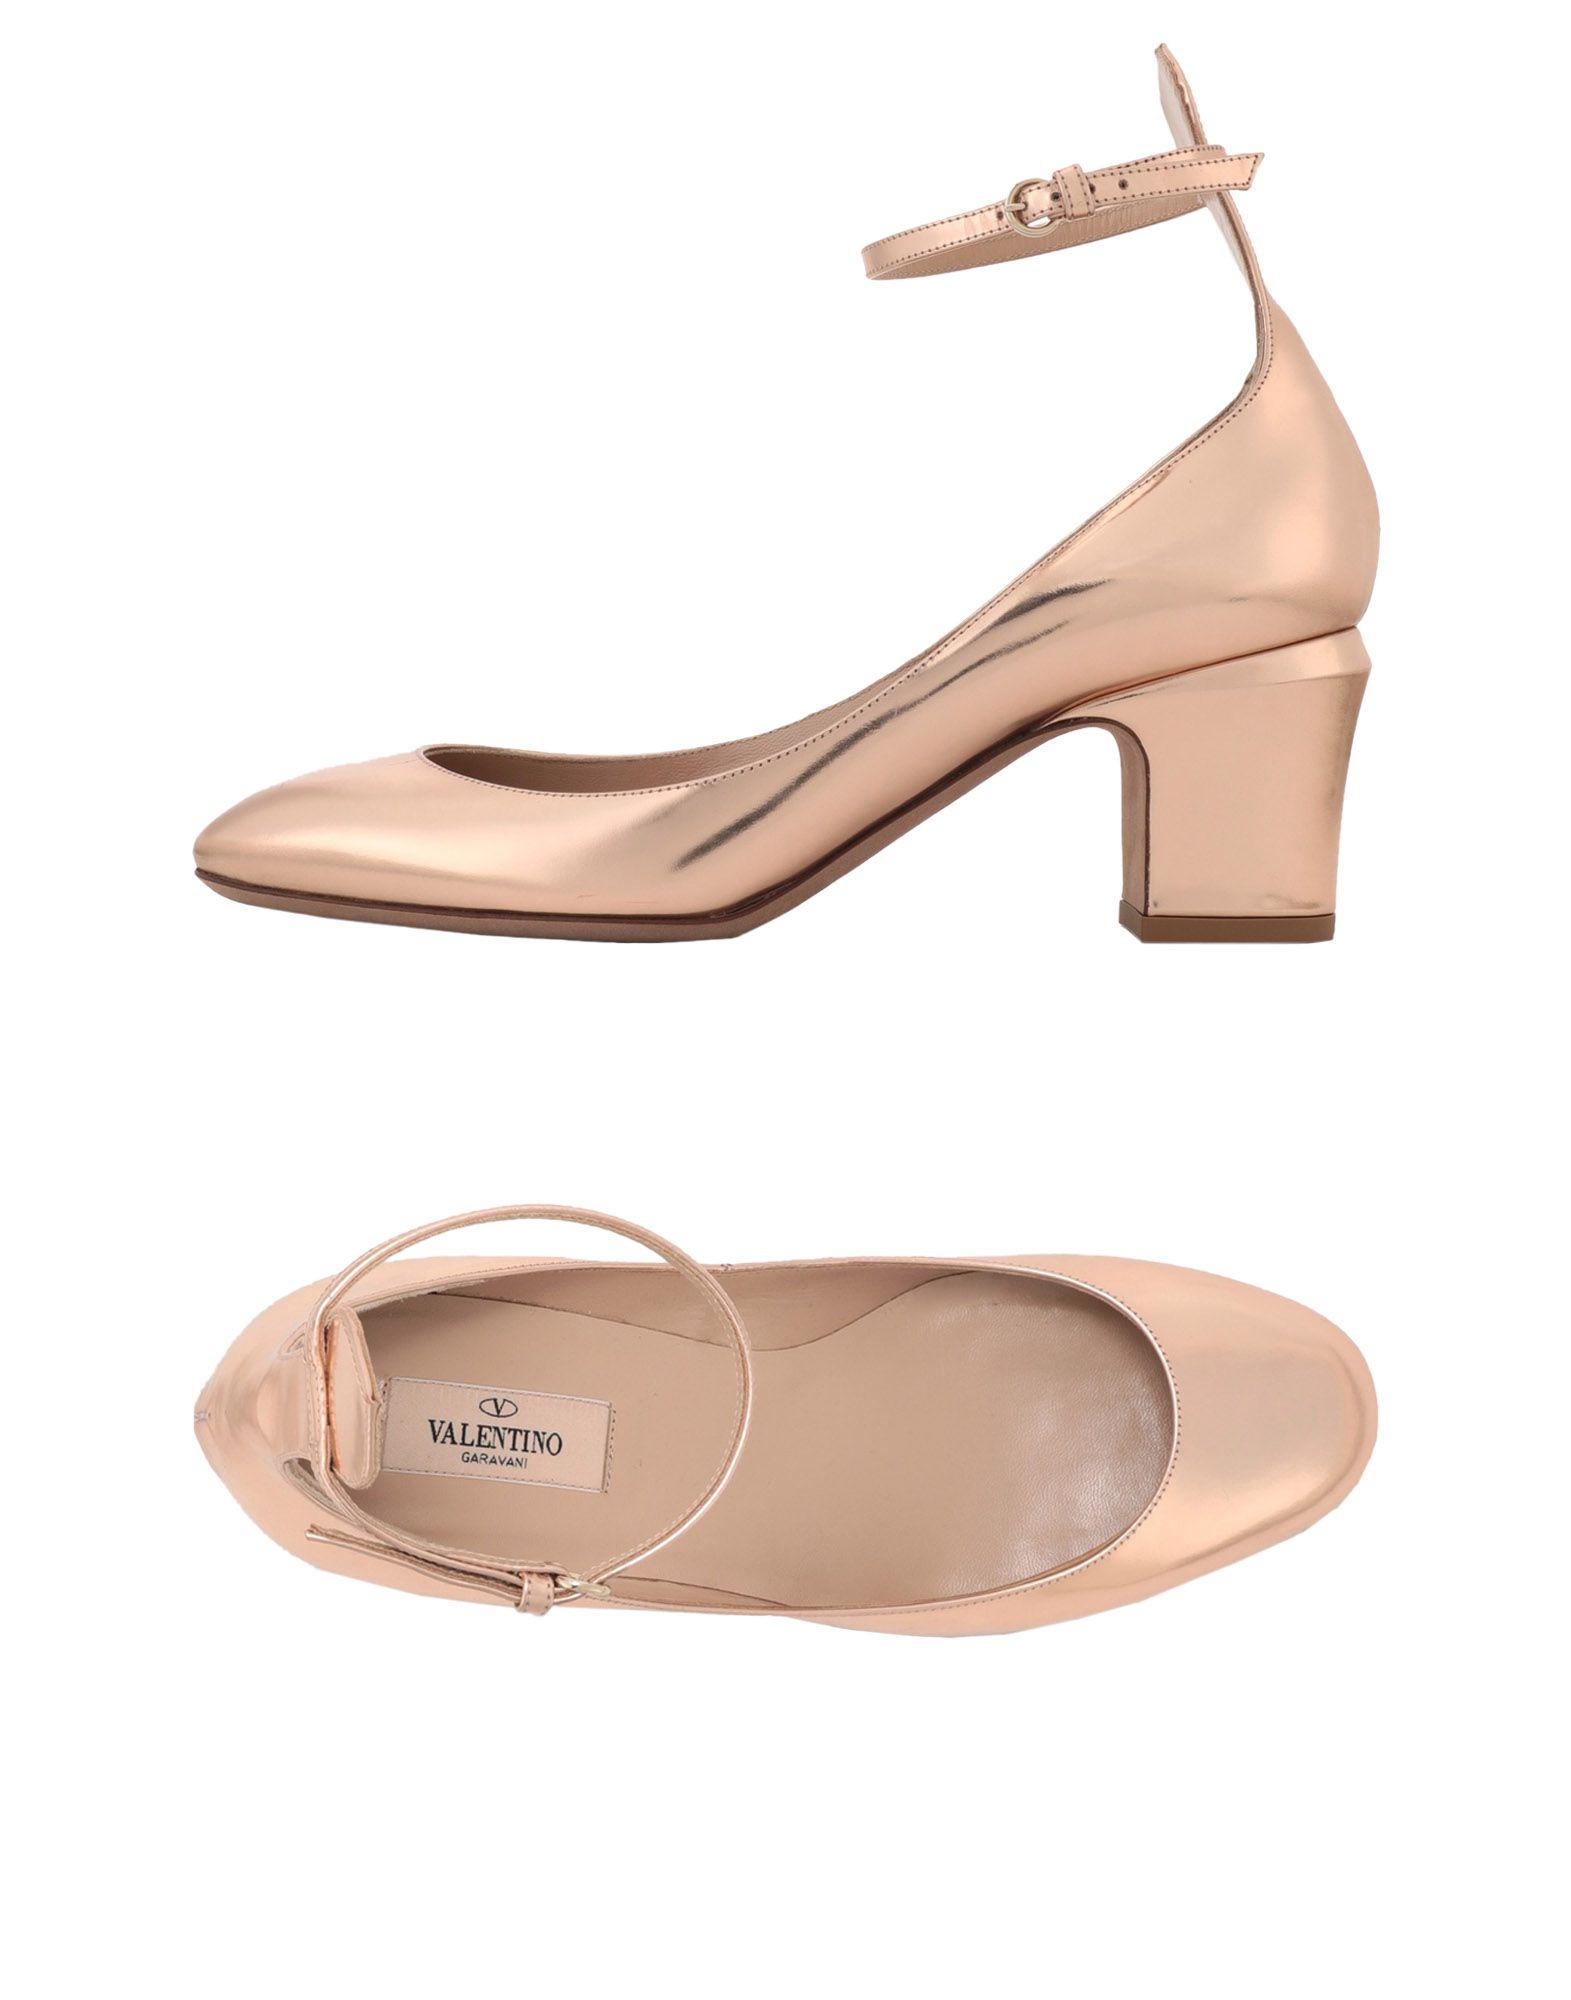 Valentino Garavani Pumps Damen Schuhe  11455863PLGünstige gut aussehende Schuhe Damen afc9f0